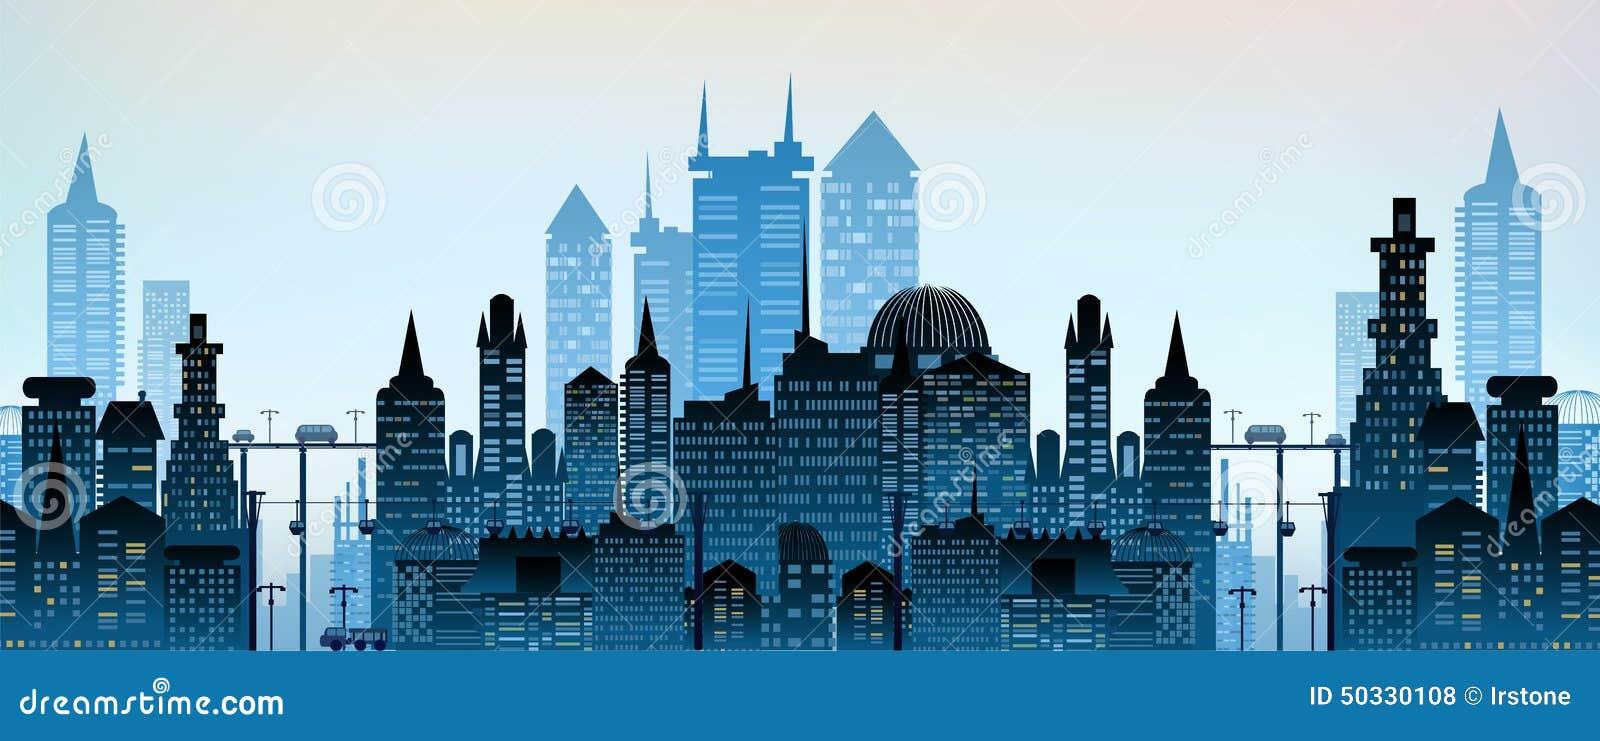 大城市的现代摩天大楼.